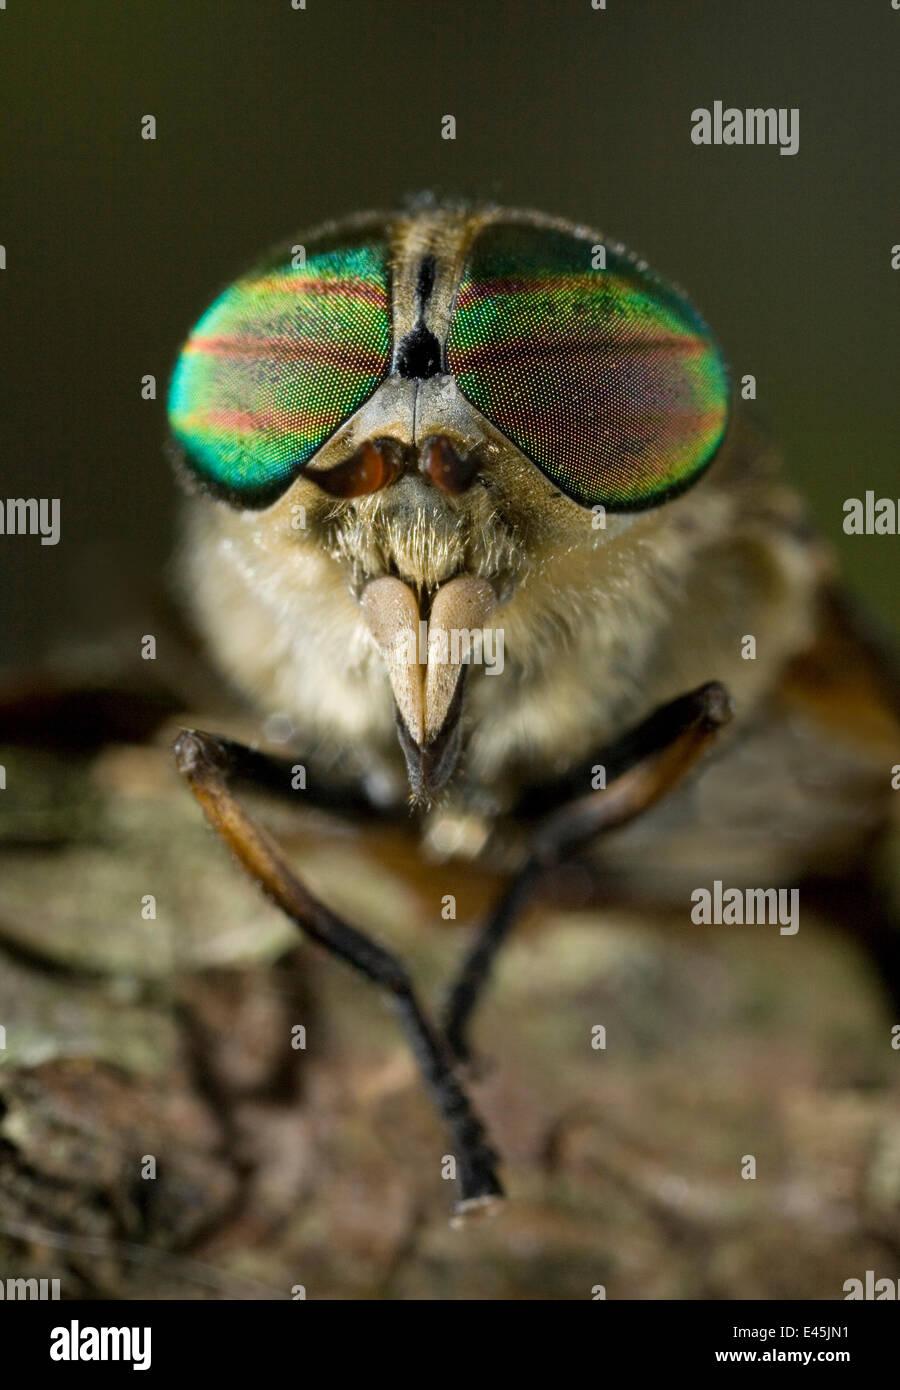 Head of Horsefly (Tabanus sp) showing compound eyes, UK - Stock Image